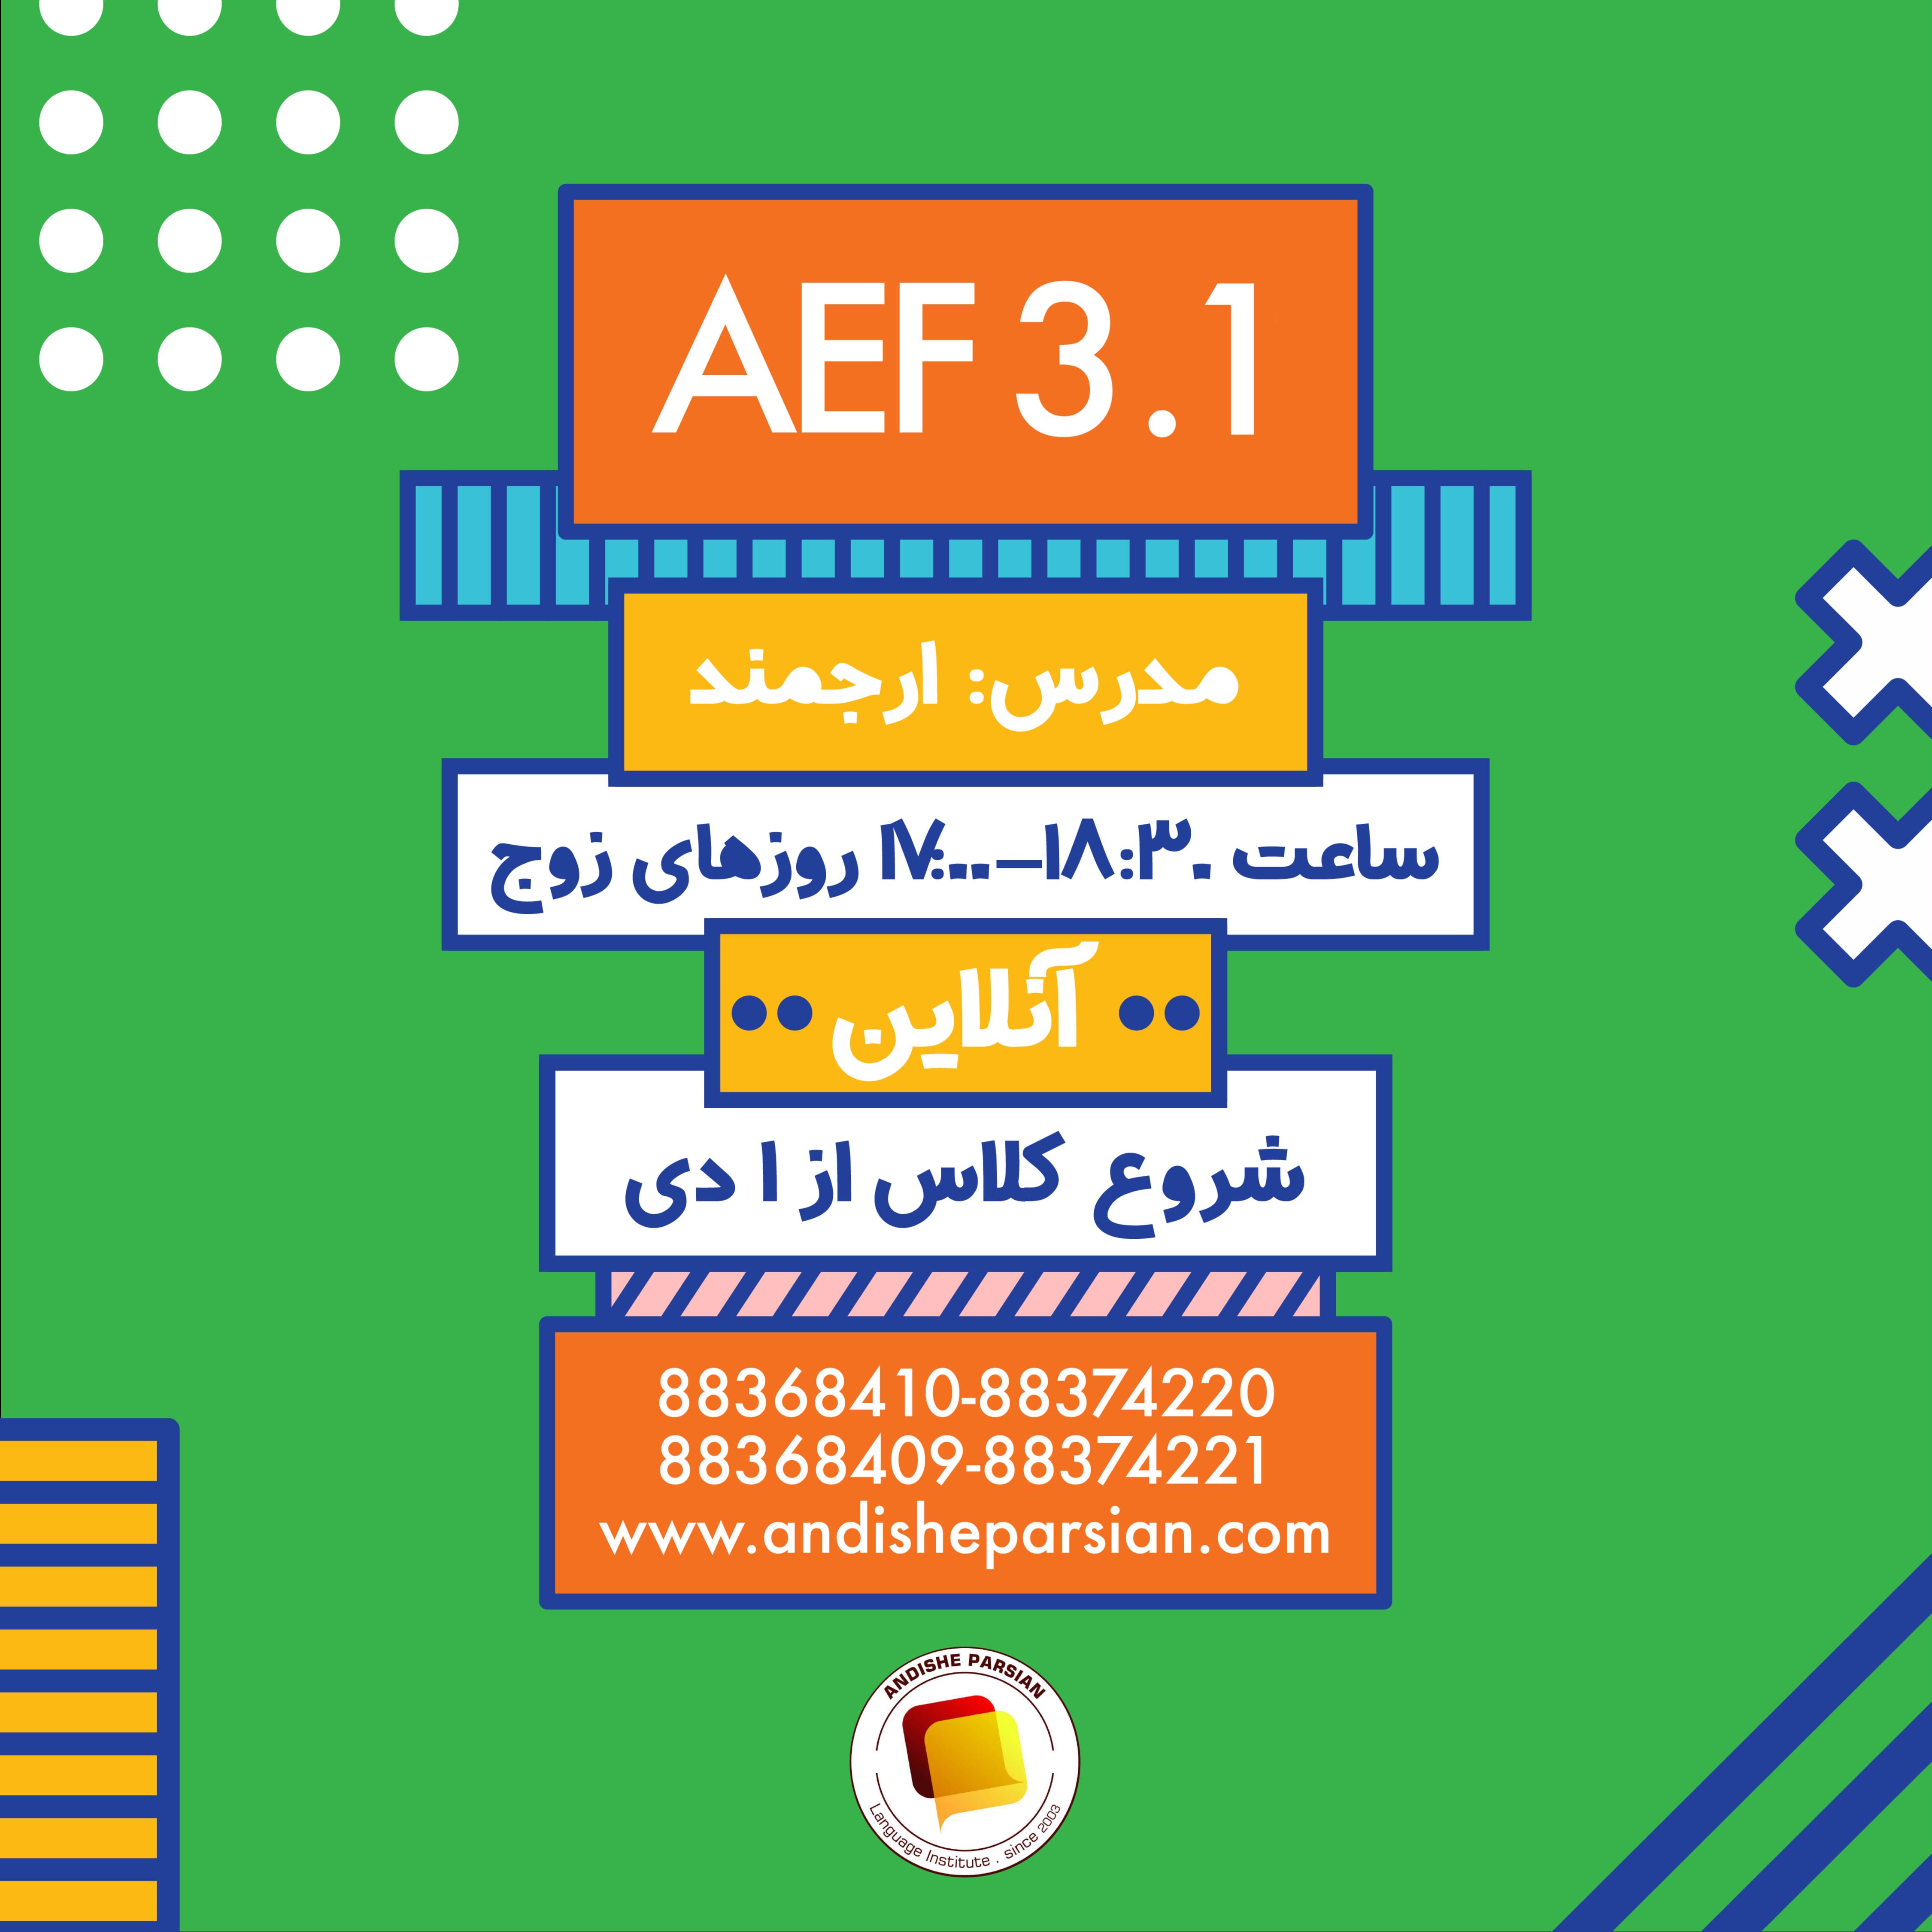 شروع کلاس آموزش زبان انگلیسی - American English File 3.1